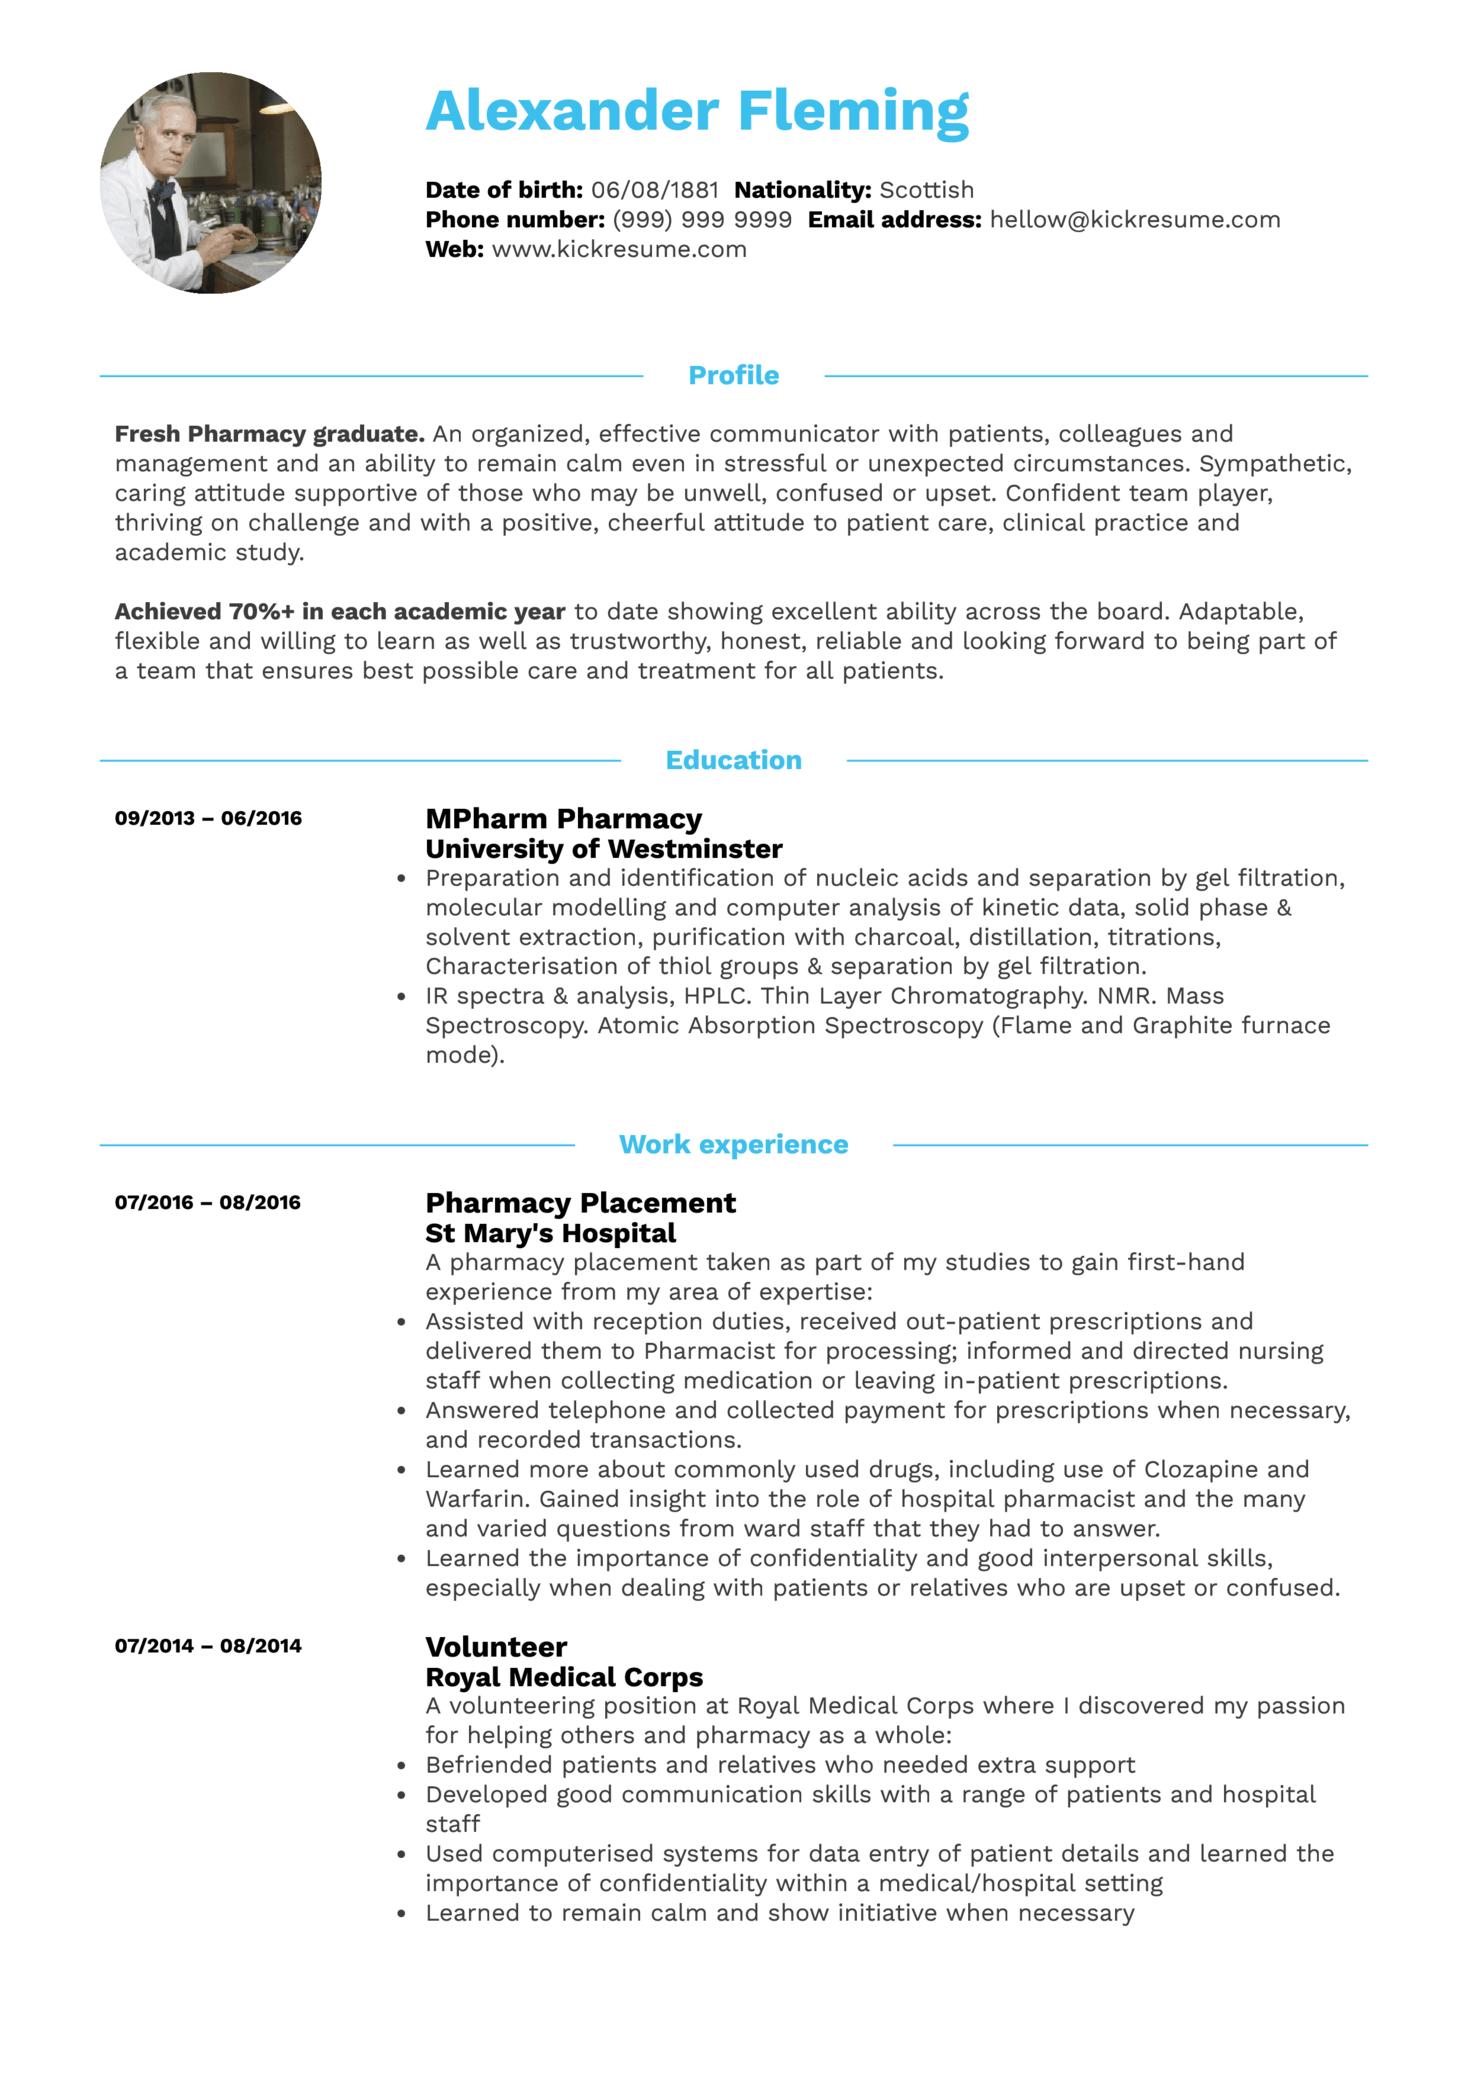 Student Resume Pharmacy (časť 1)